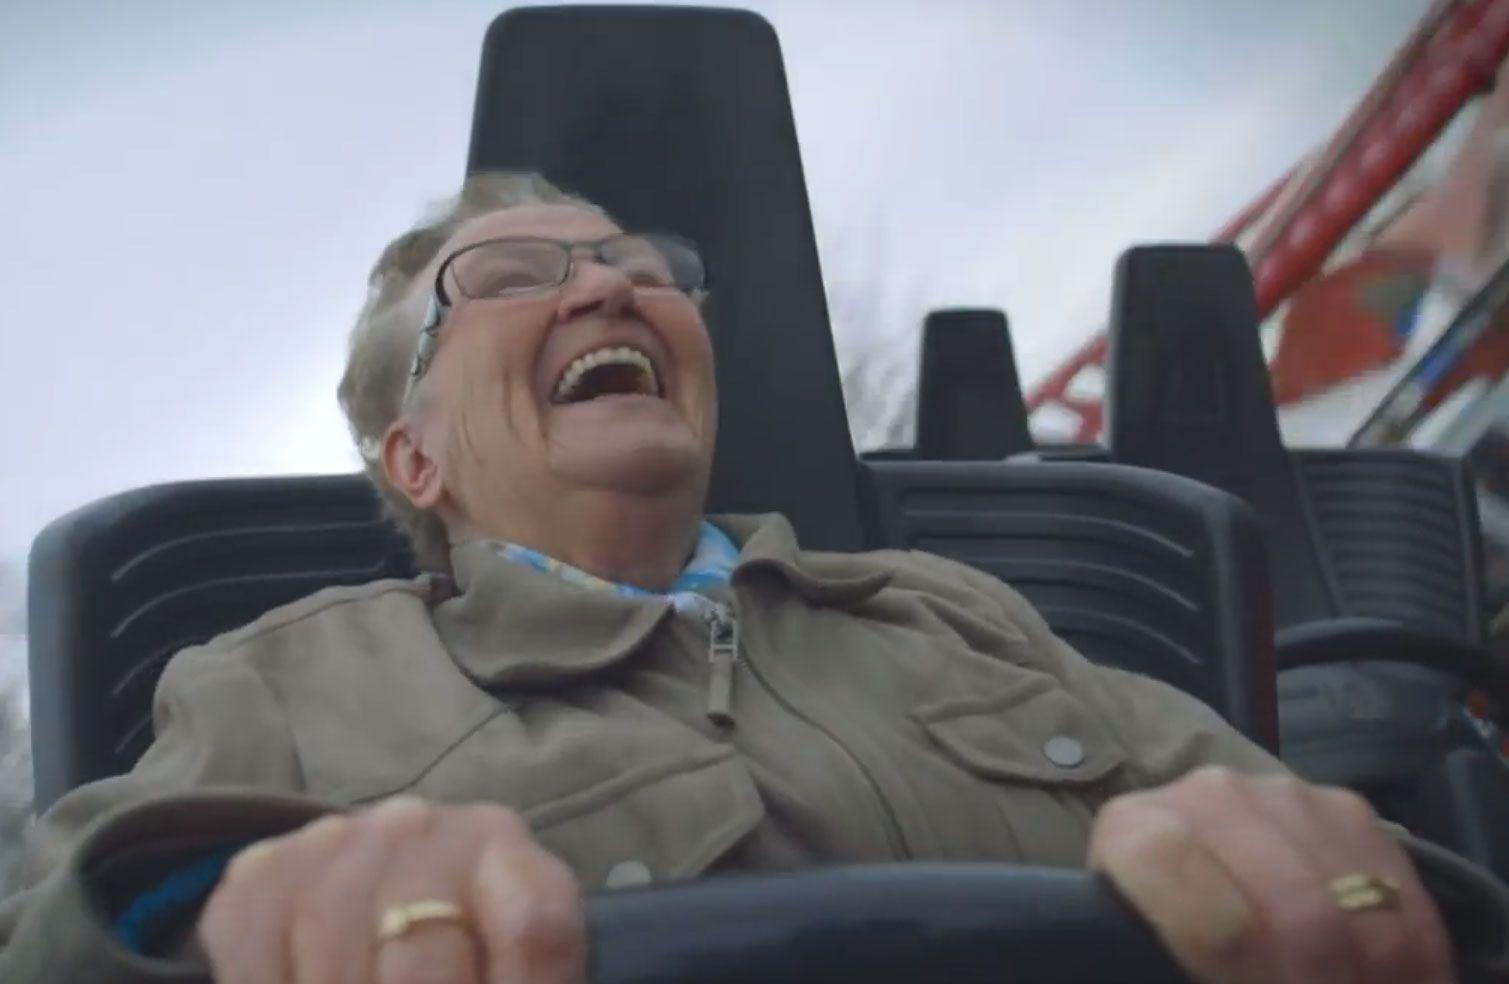 Una señora de 78 años sube a una montaña rusa por primera vez